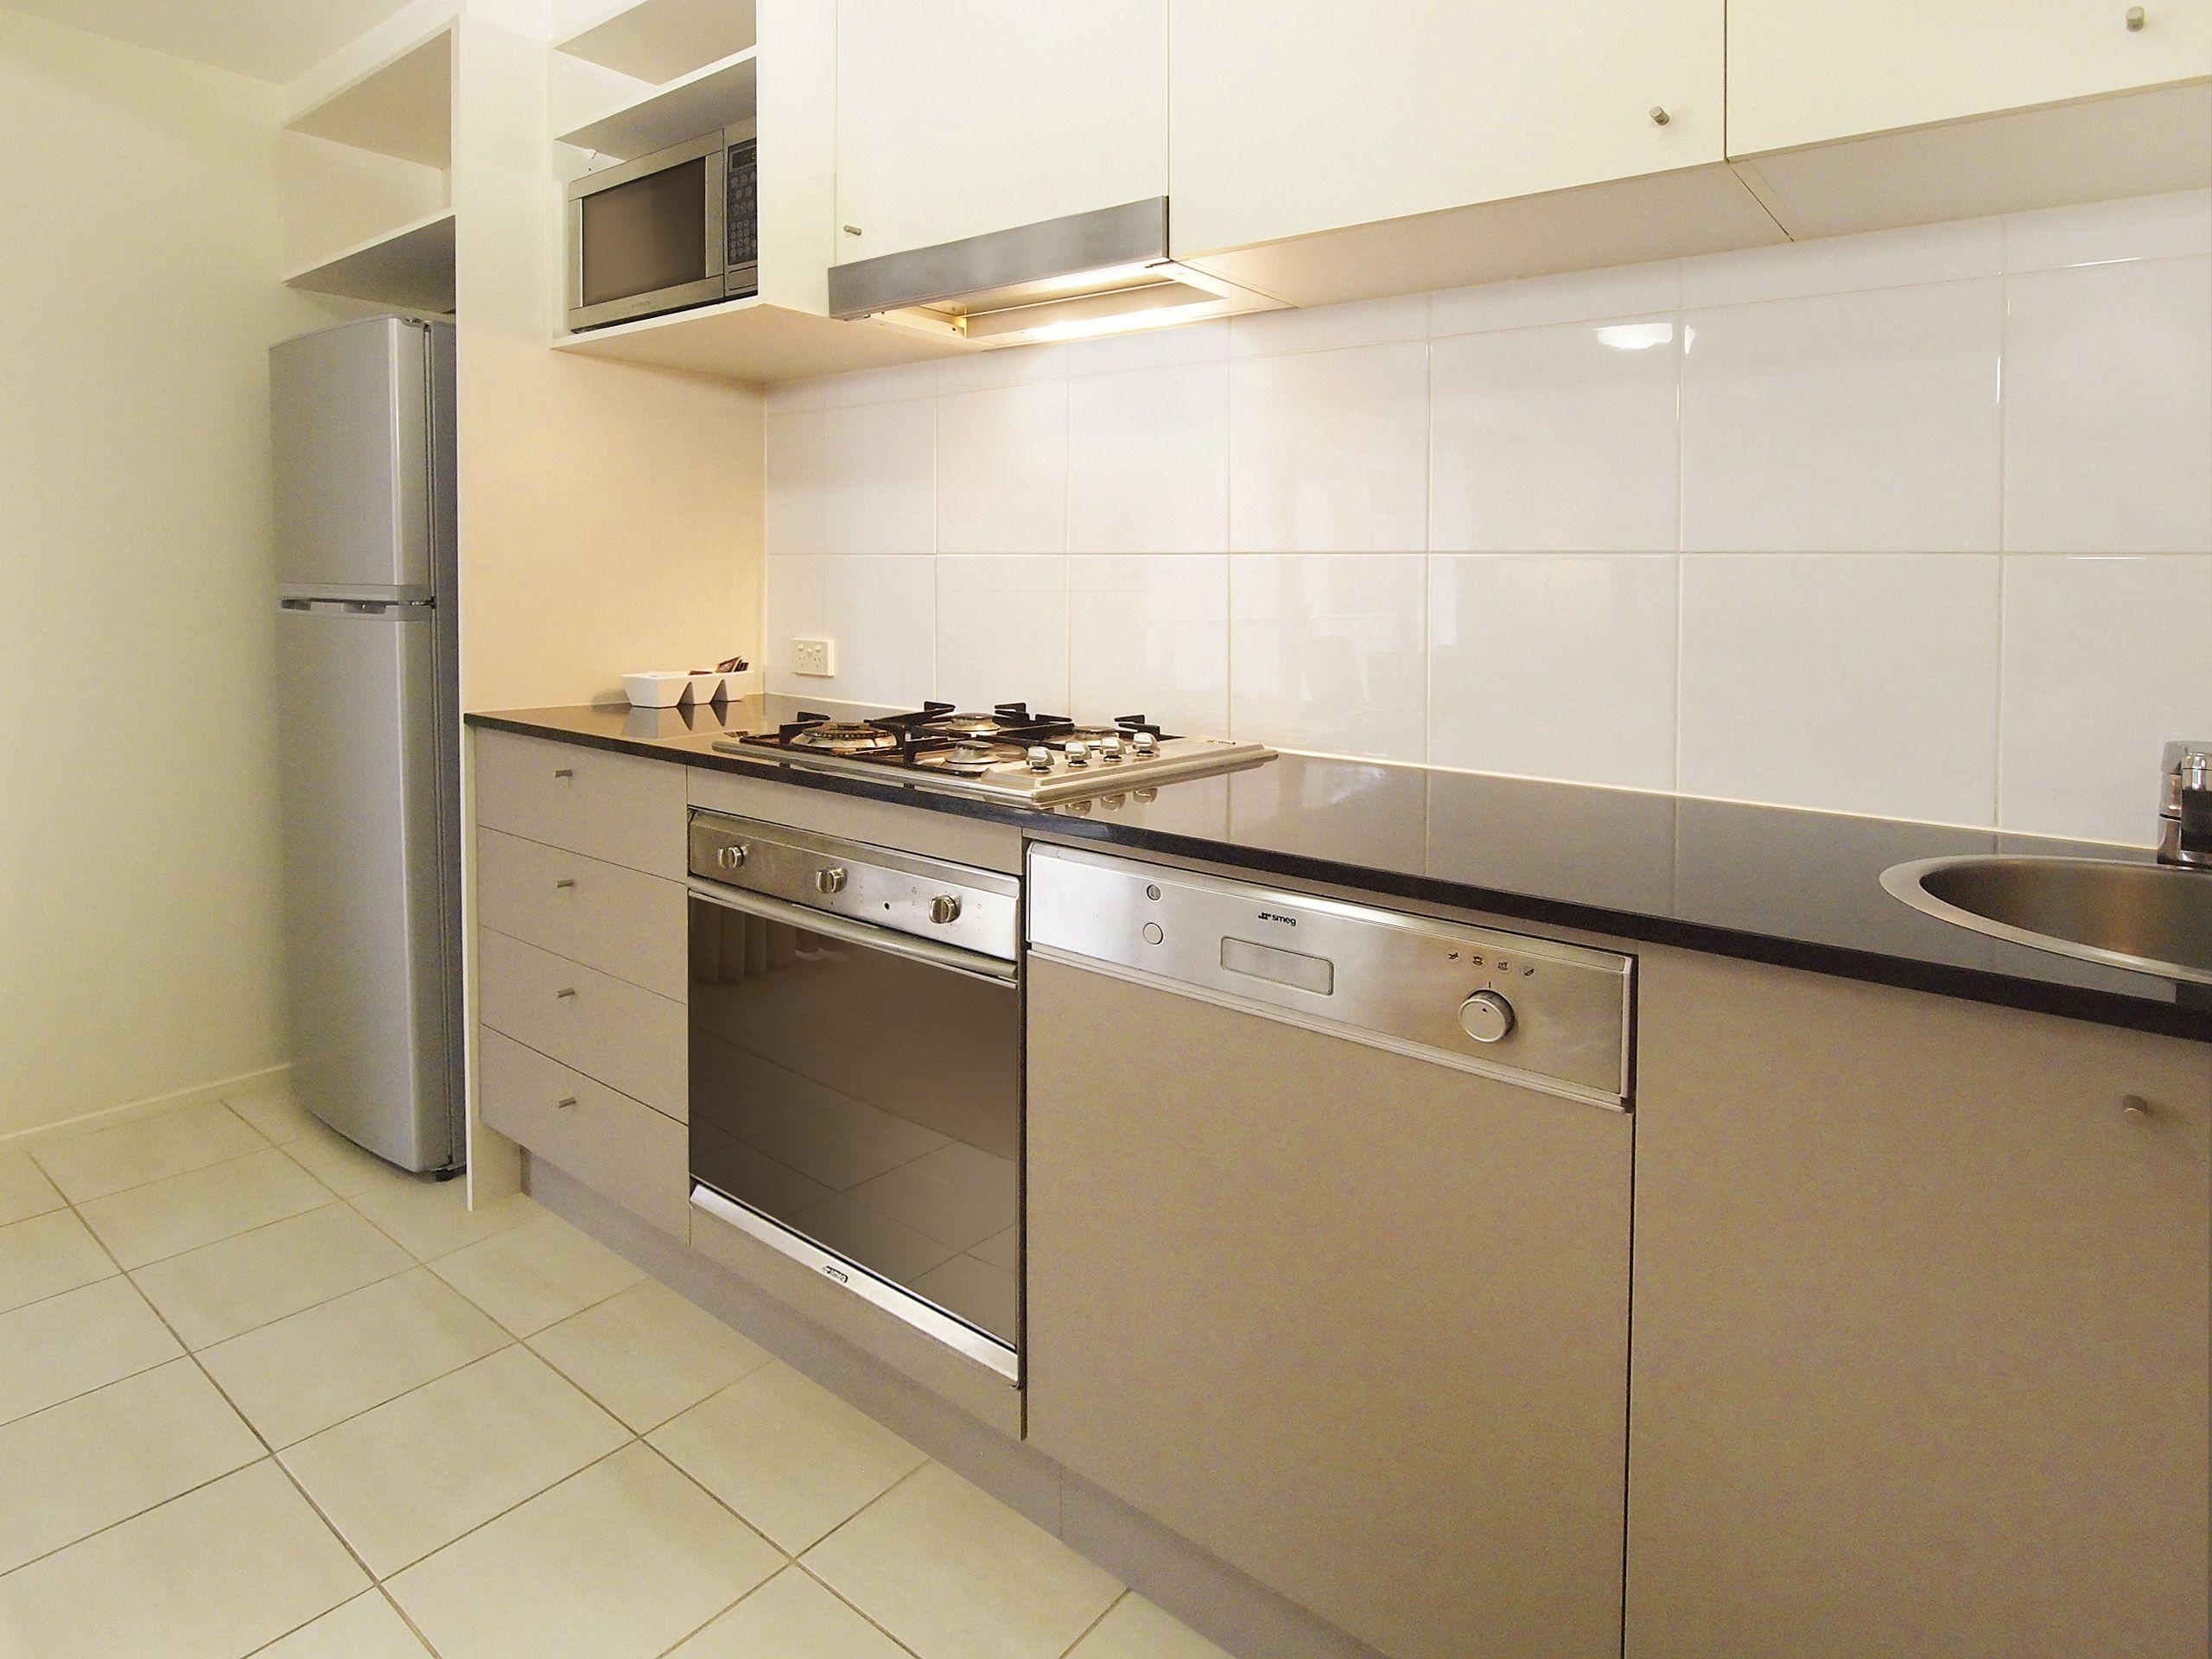 Groß Diy Küchen Brisbane Queens Galerie - Ideen Für Die Küche ...